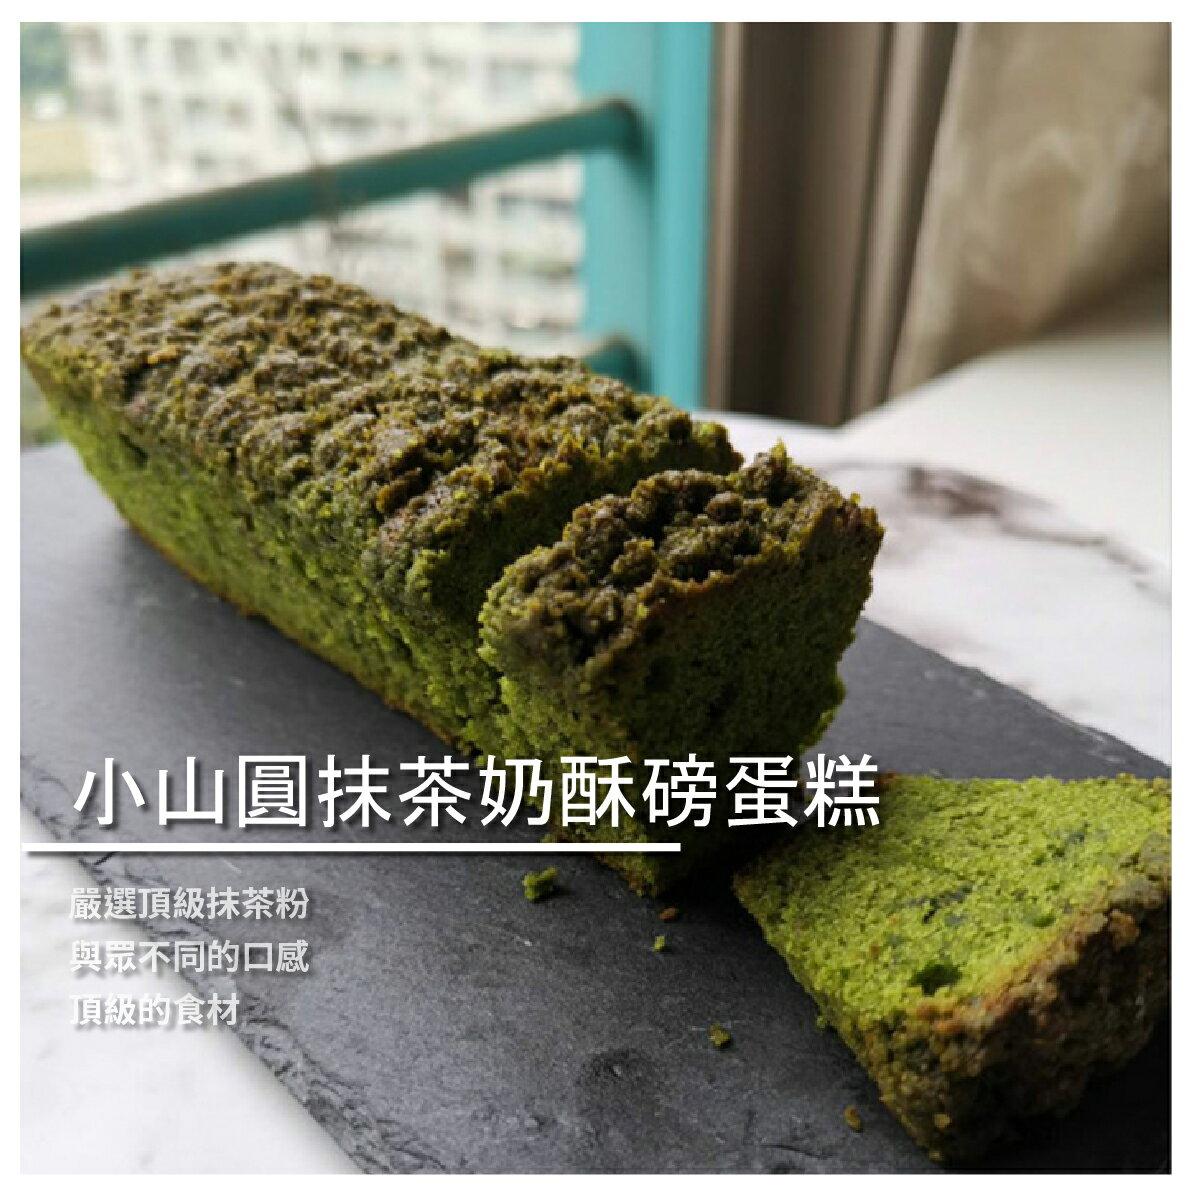 【鮮日嚐四季餐桌料理】小山圓抹茶奶酥磅蛋糕/條